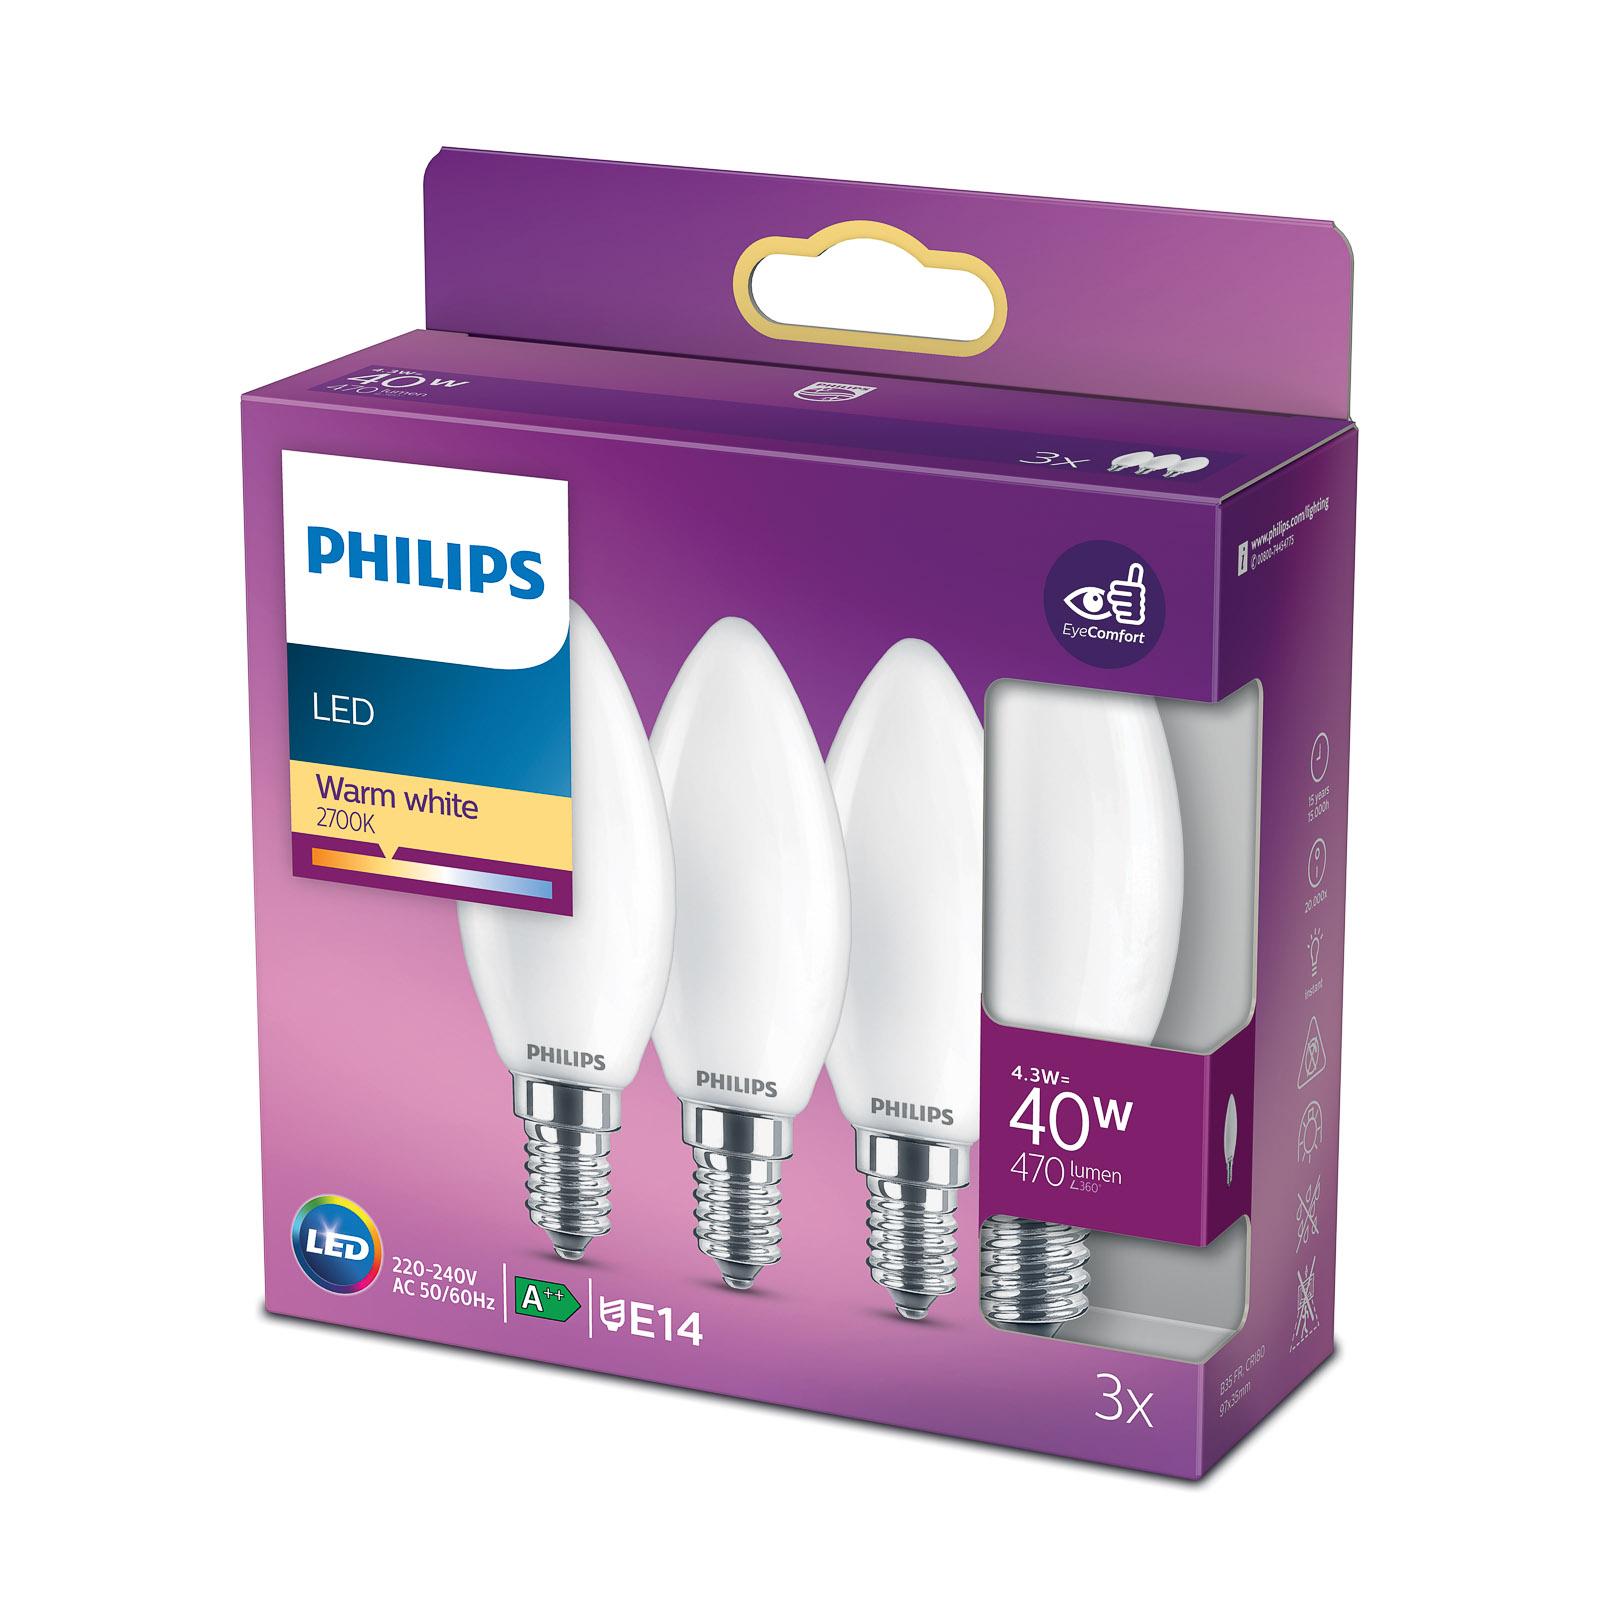 Philips żarówka świeca LED E14 B35 4,3W 3 szt. mat